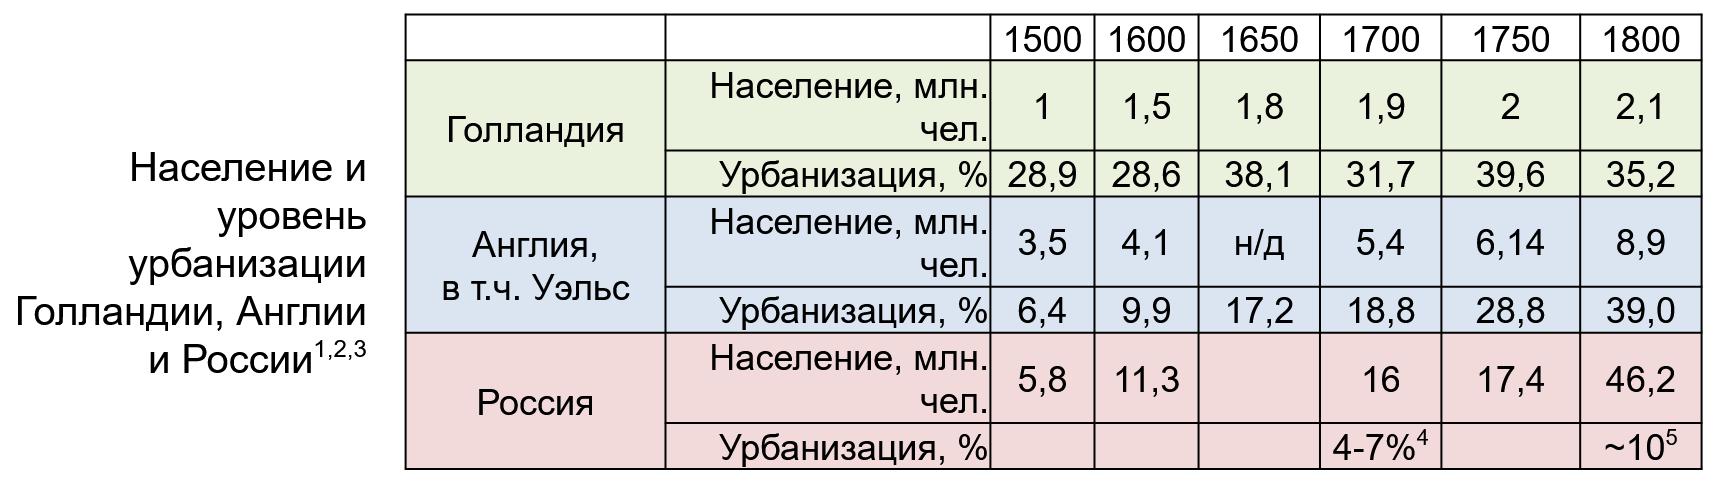 Население и уровень урбанизации в городах Англии Голландии России